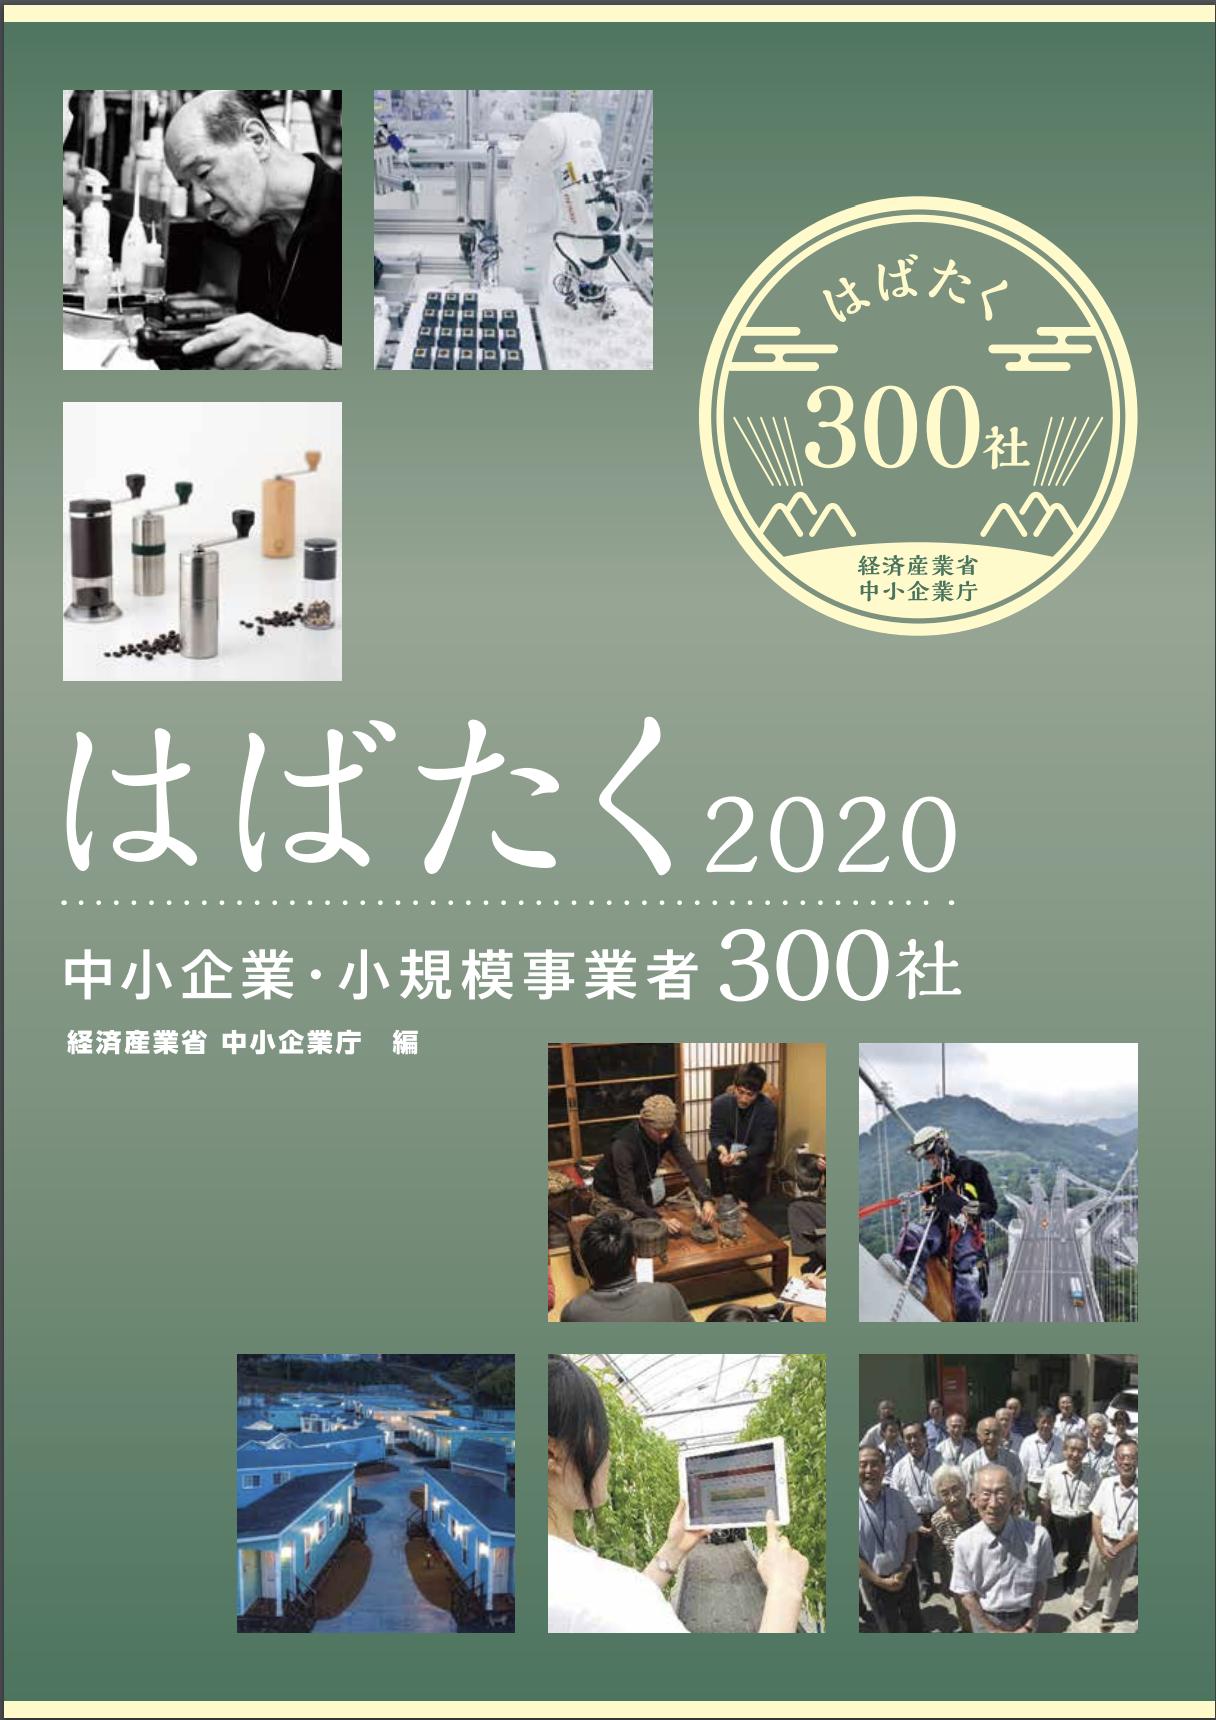 「中小企業庁 はばたく中小企業・小規模事業者300社」に株式会社神戸酒心館が選定されました